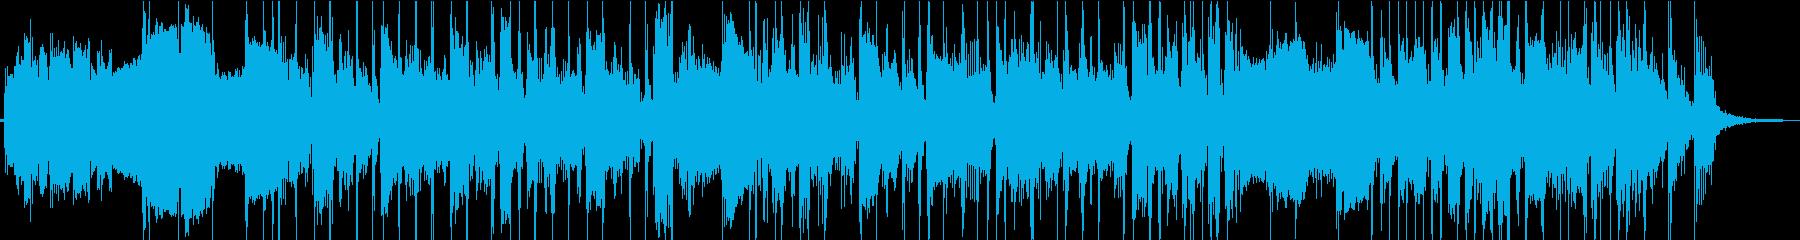 ベーススラップの際立つ疾走感あるジングルの再生済みの波形